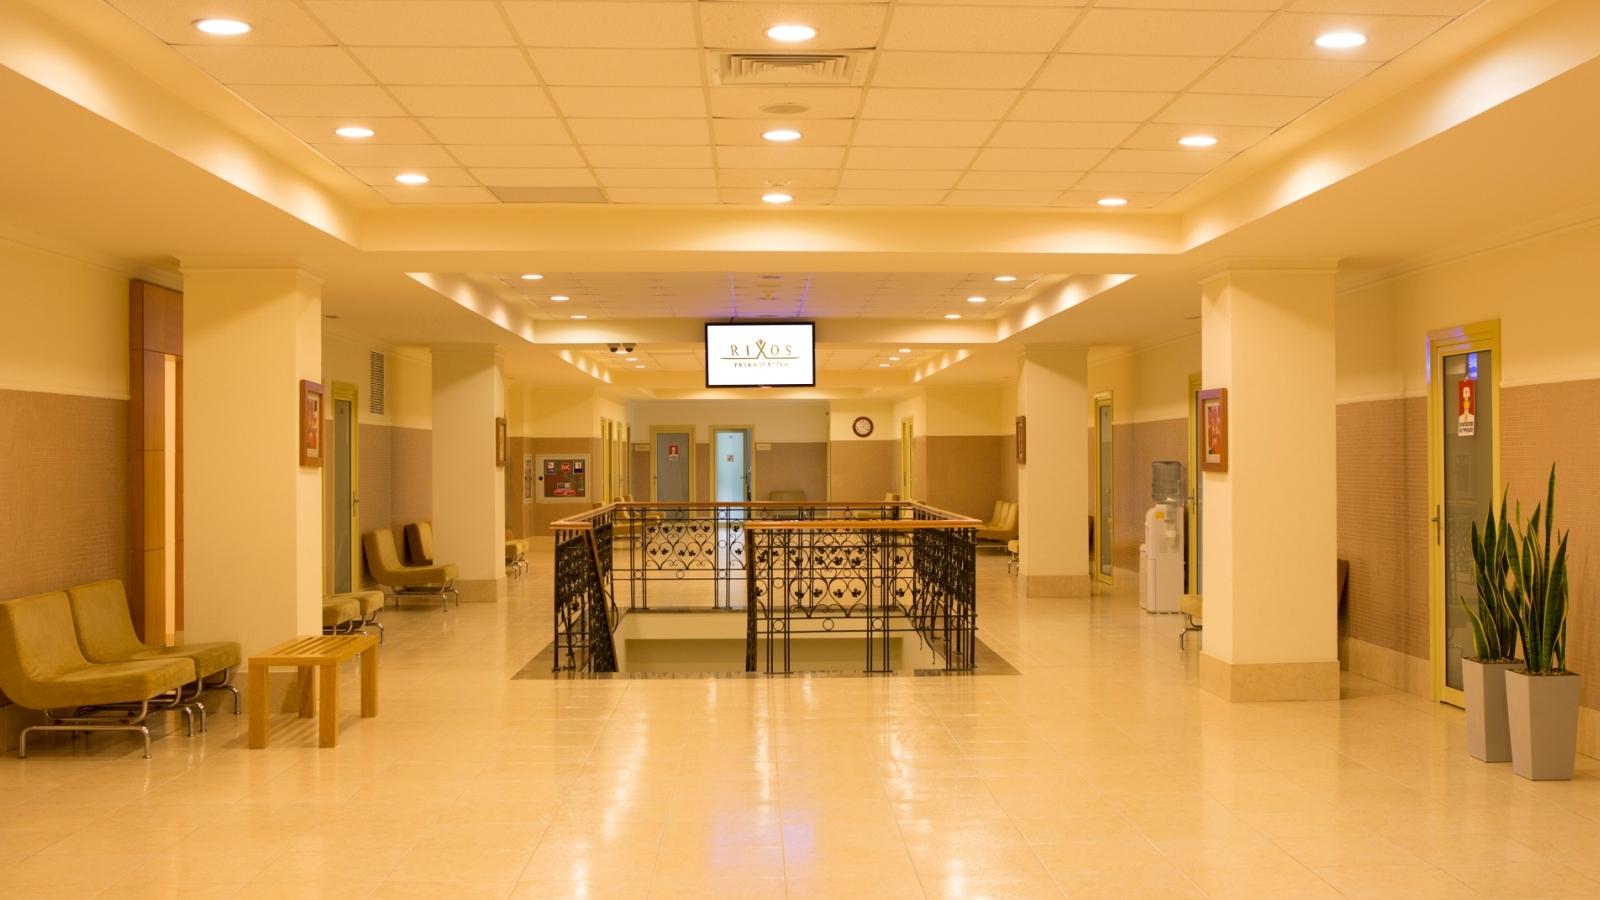 Гостиницы Трускавца: заказываем услугу диетической терапии